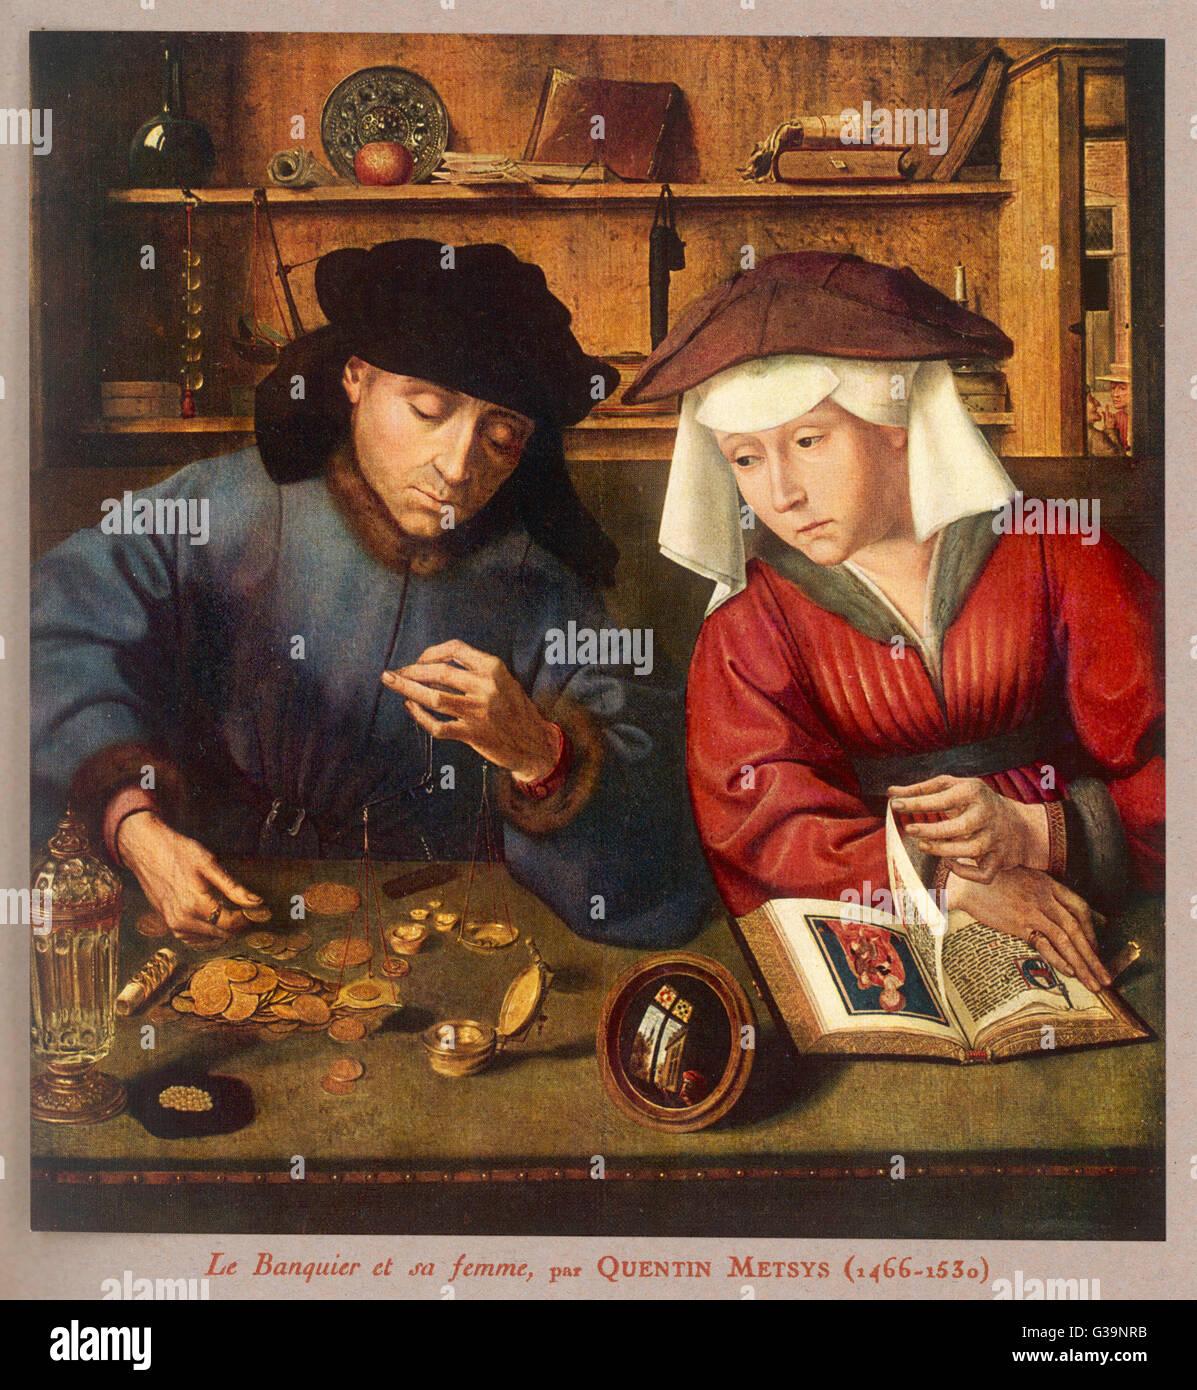 Un banquier du siècle 15-16, avec sa femme Photo Stock